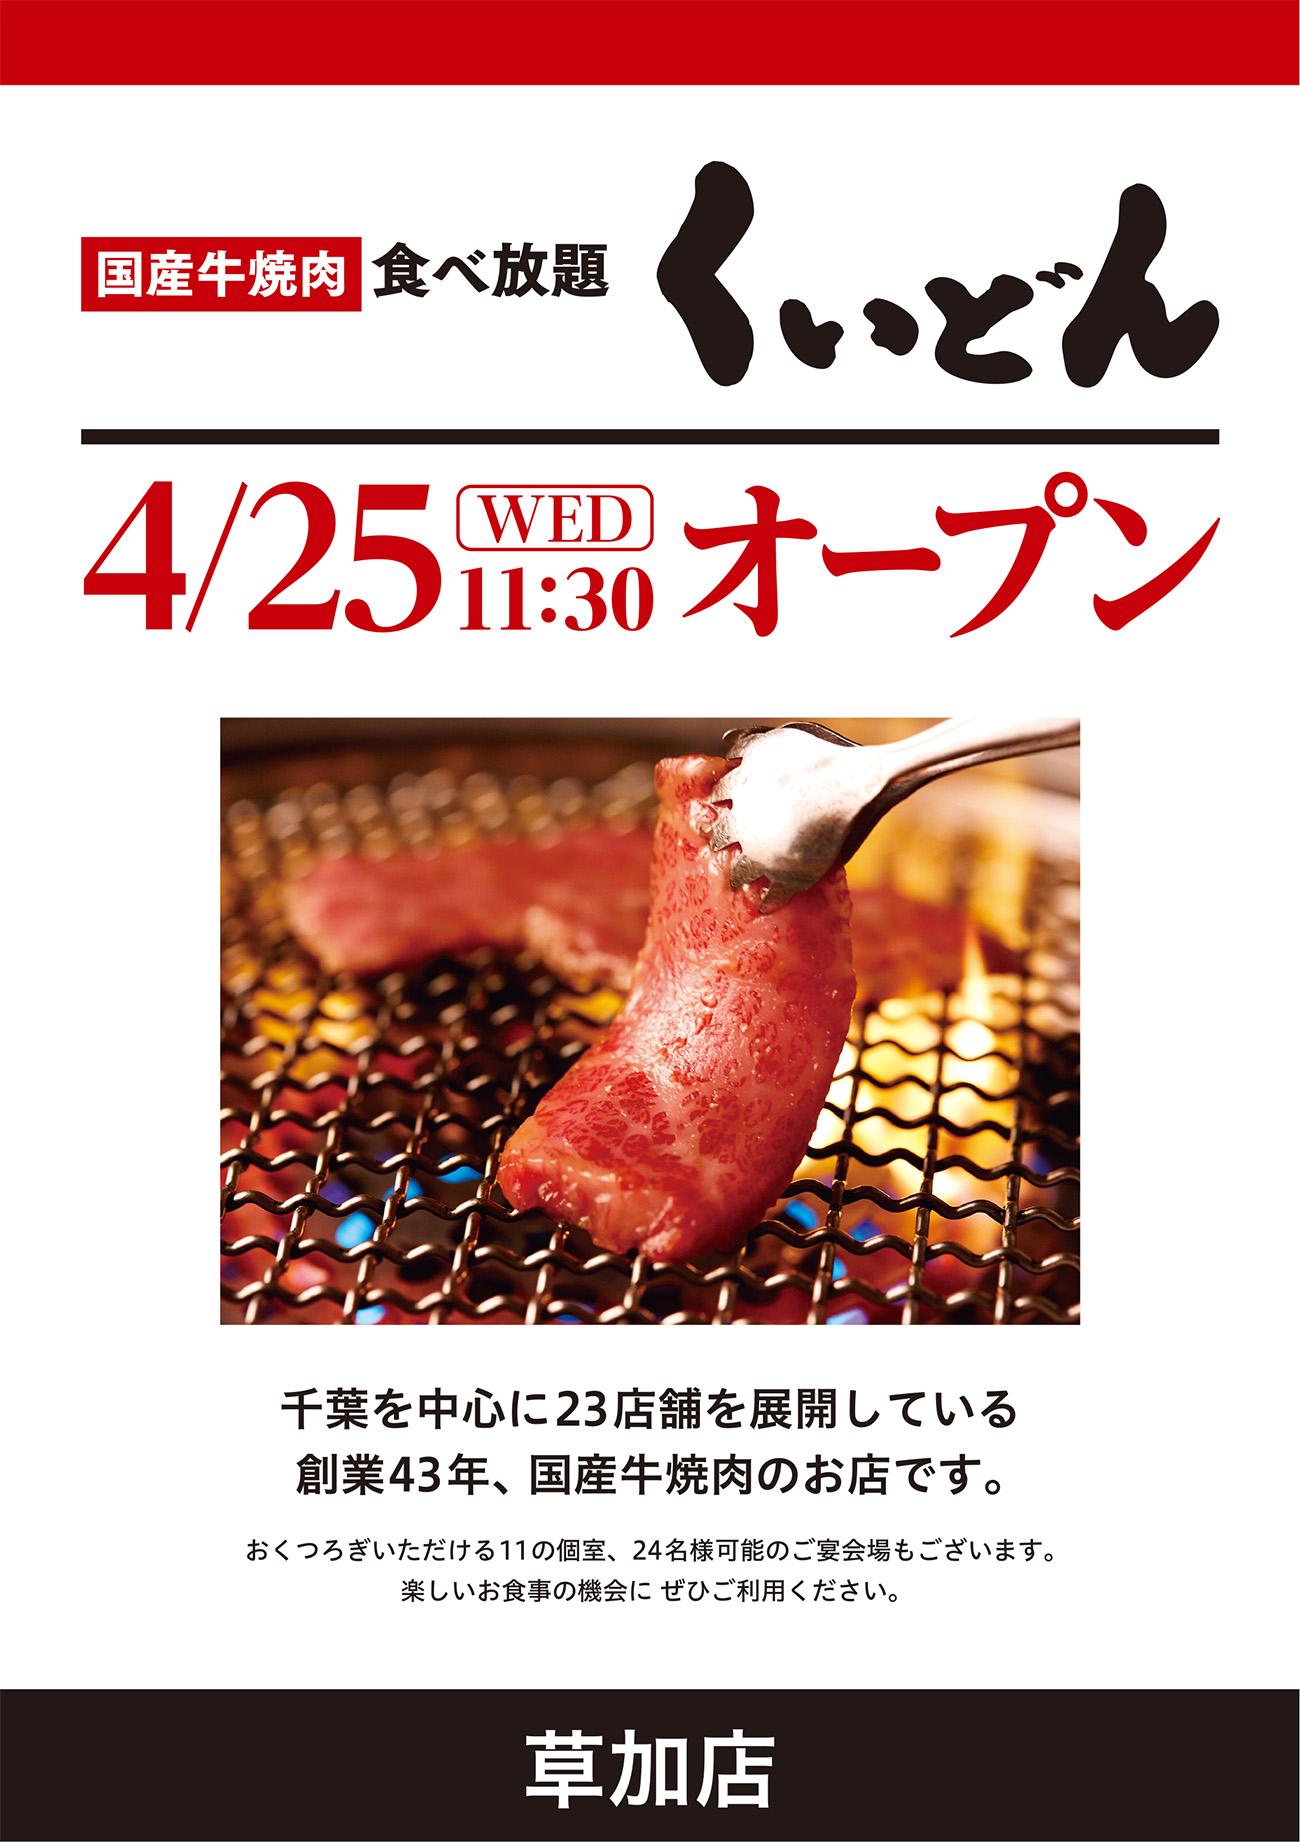 4月25日(水)11:30 草加店グランドオープン!!